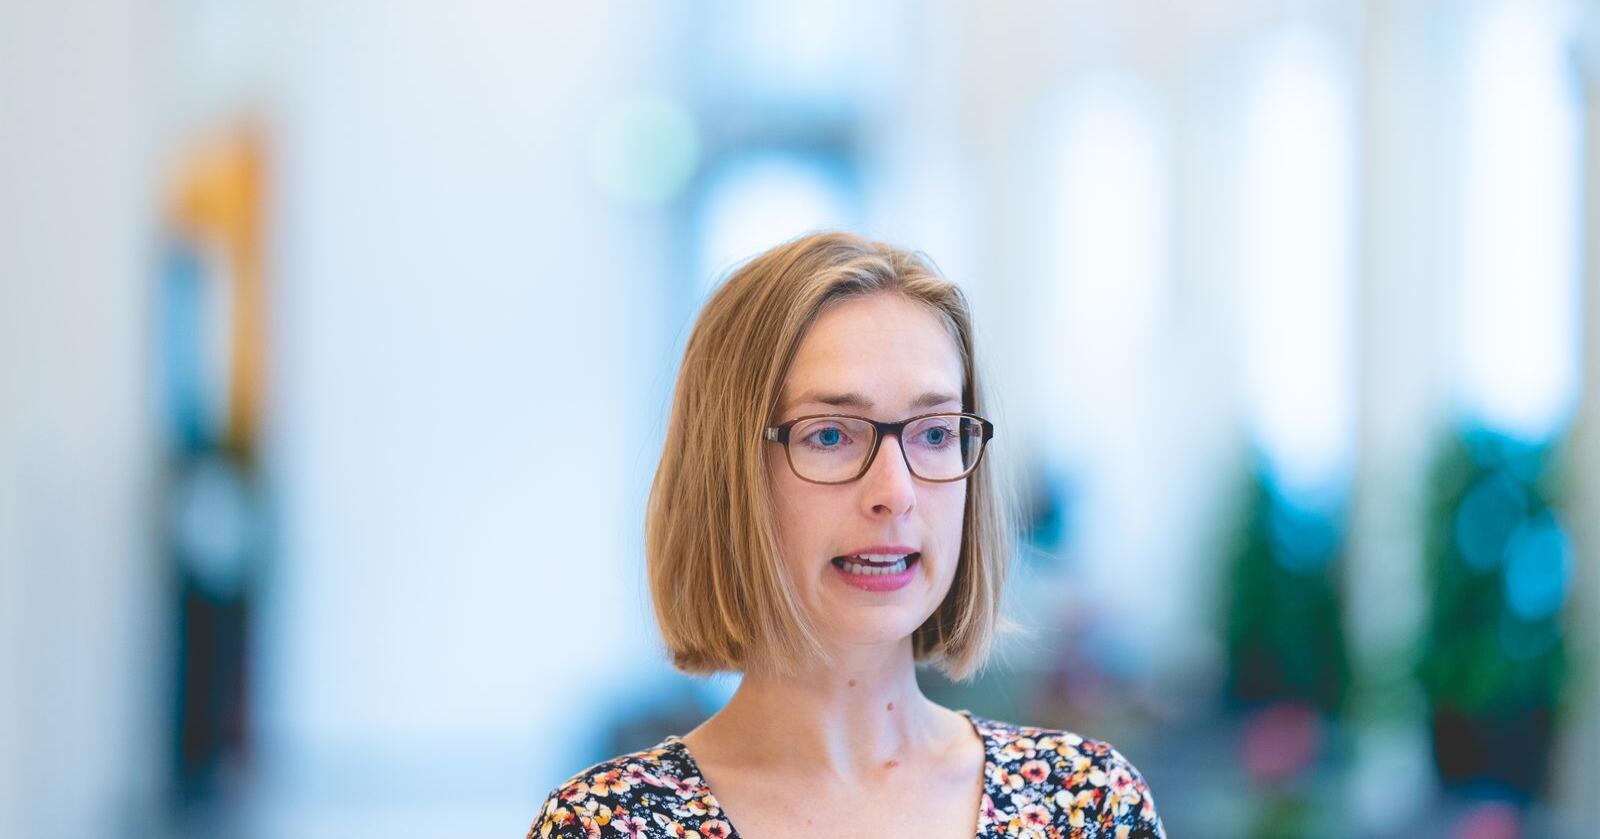 – Det nye kredittforsikringstilbudet har sikret økt handel for om lag 500 ulike bedrifter i Norge, sier næringsminister Iselin Nybø (V). Foto: Stian Lysberg Solum / NTB scanpix